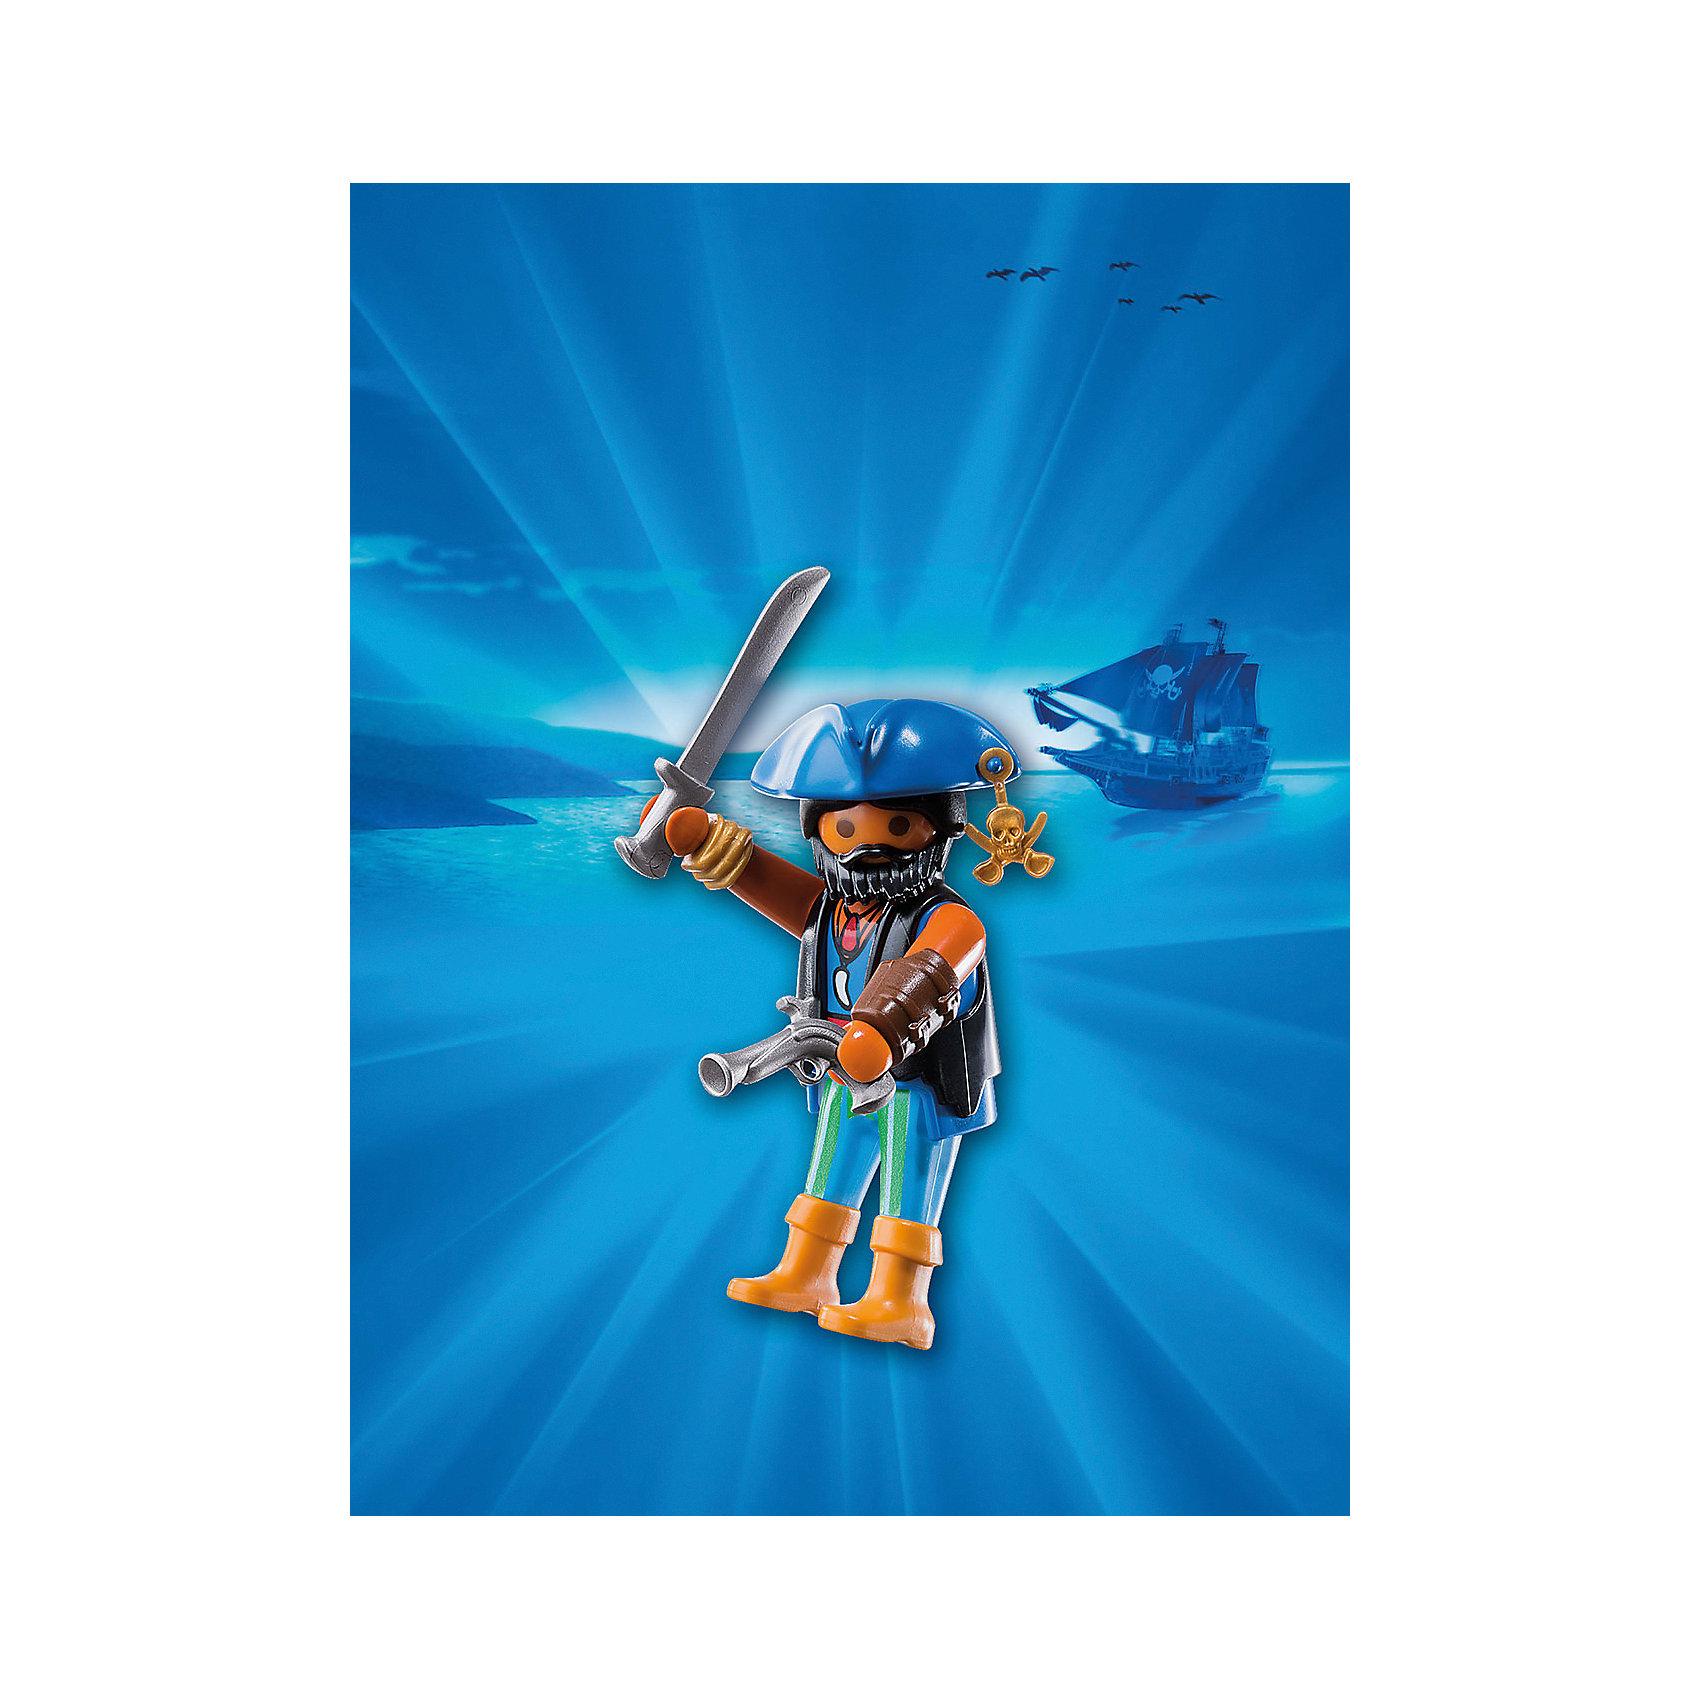 Друзья: Пираты Карибского моря, PLAYMOBILПластмассовые конструкторы<br>В  этом наборе представлена фигурка пирата с оружием. Все детали набора прекрасно проработаны, выполнены из высококачественного пластика безопасного для детей. <br><br>Дополнительная информация:<br><br>- Комплектация: фигурка, оружие.<br>- Материал: пластик.<br>- Размер упаковки: 16х12х3 см.<br>- Высота фигурки: 7,5 см. <br>- Голова, руки, ноги у фигурки подвижные.<br><br>Набор Друзья: Пираты Карибского моря, PLAYMOBIL (Плеймобил), можно купить в нашем магазине.<br><br>Ширина мм: 160<br>Глубина мм: 119<br>Высота мм: 27<br>Вес г: 35<br>Возраст от месяцев: 48<br>Возраст до месяцев: 120<br>Пол: Мужской<br>Возраст: Детский<br>SKU: 4260574